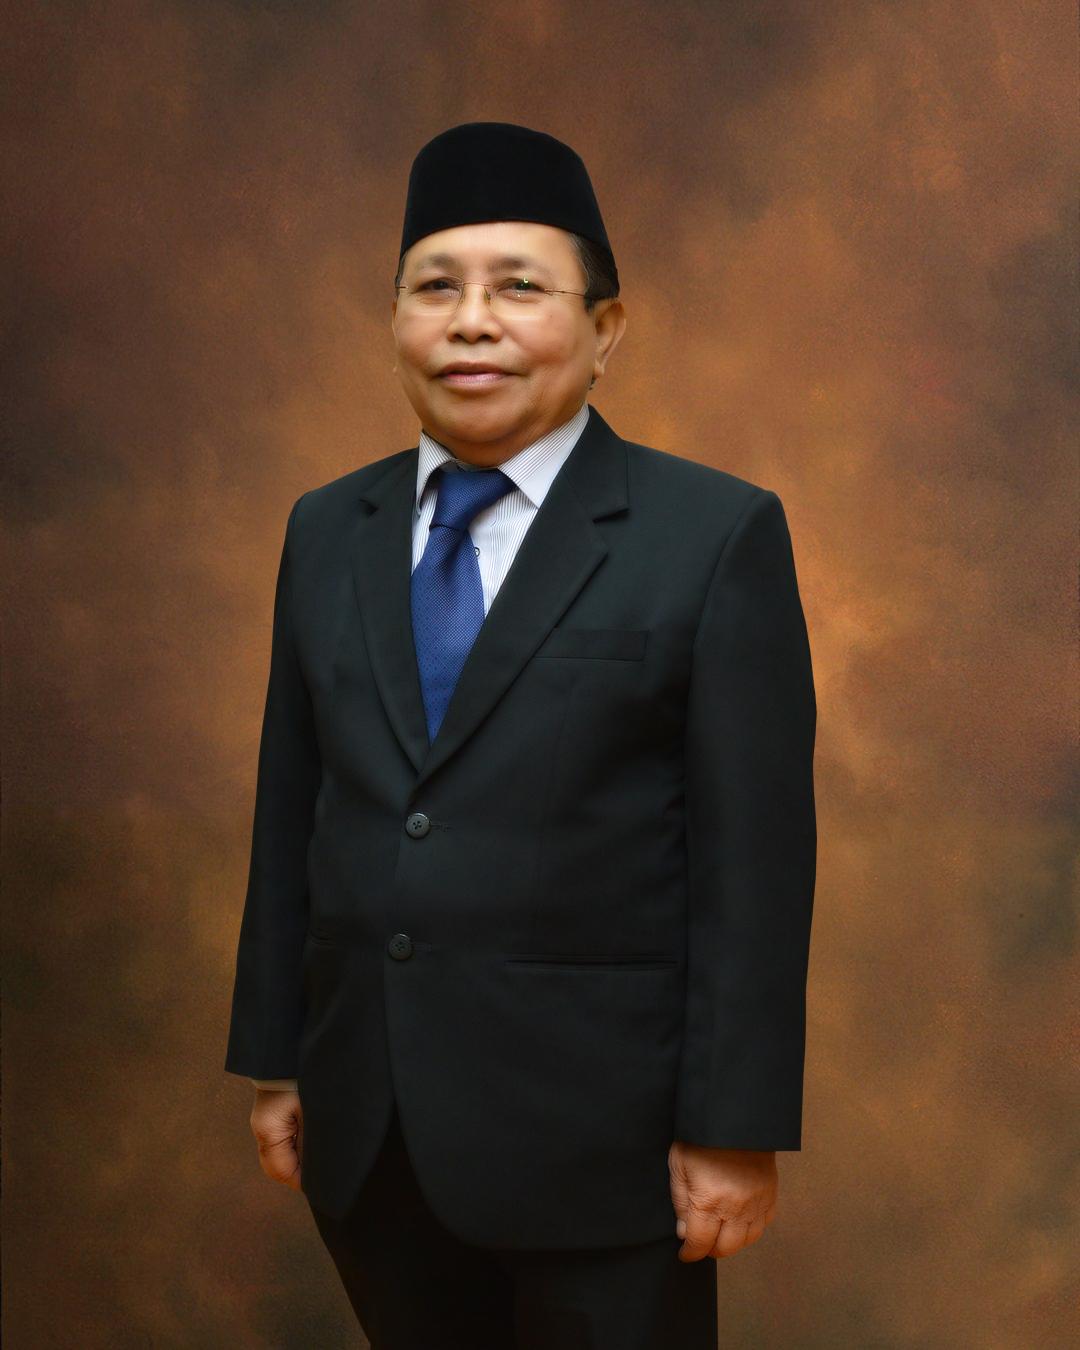 YBhg. Dato' Prof. Emeritus Dr. Abdul Rahman bin Haji Embong